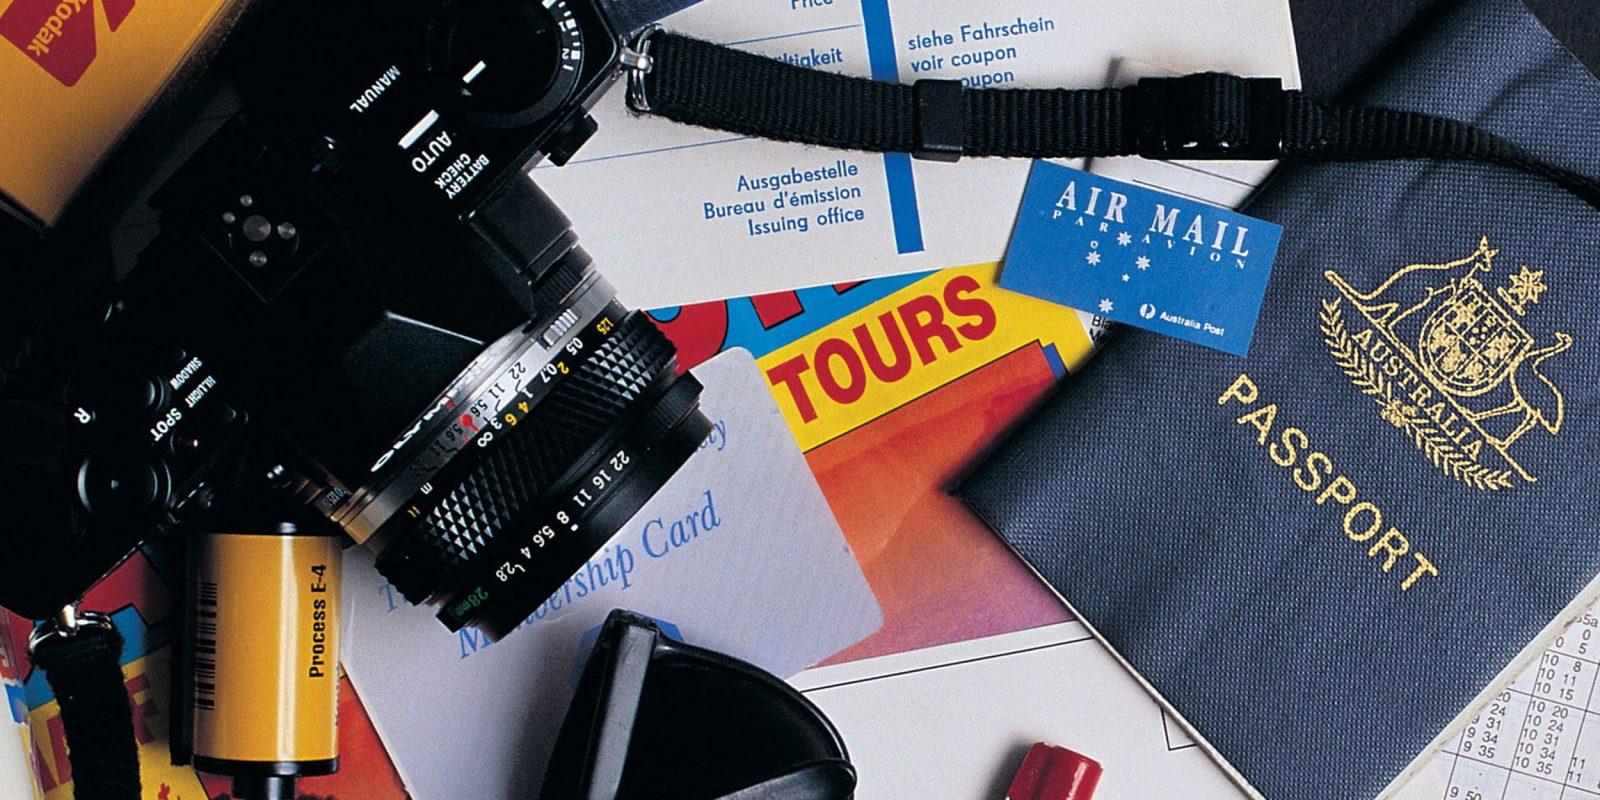 камера и паспорт